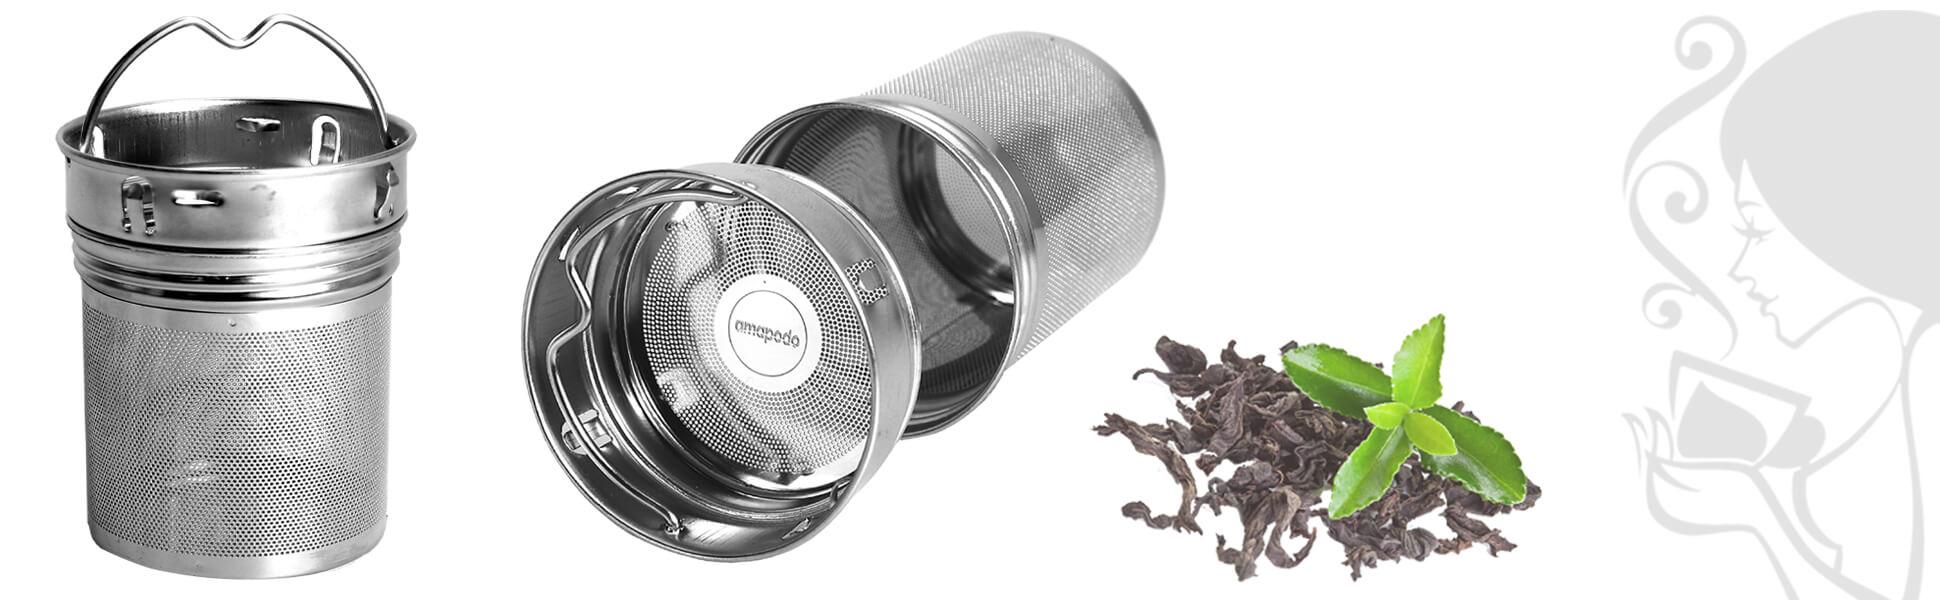 Filtre en métal pour le thé